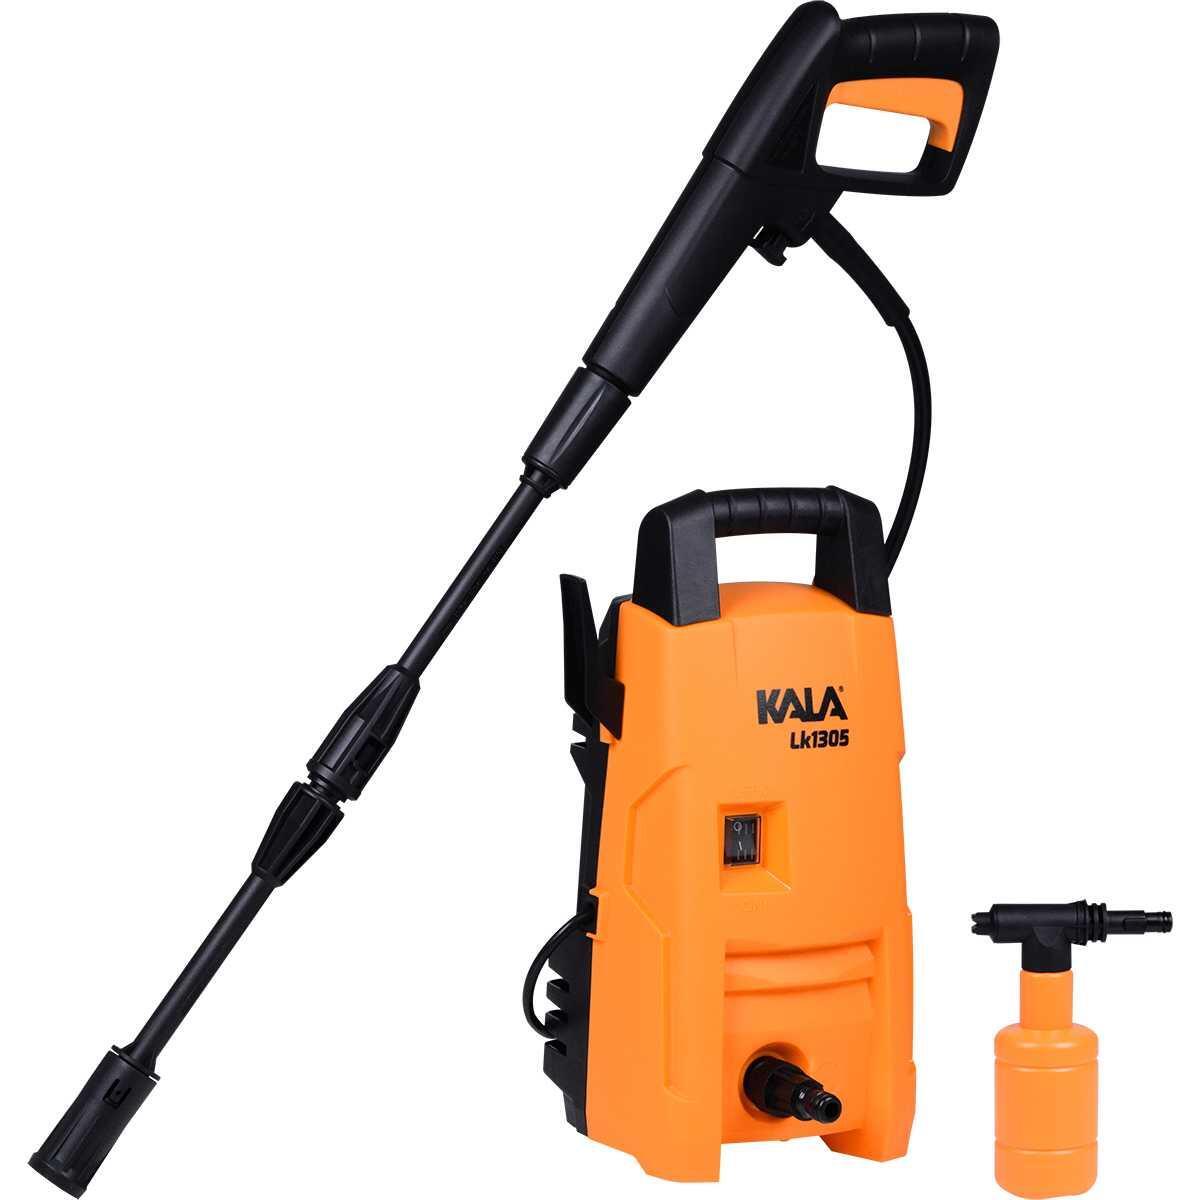 Lavadora de Alta Pressão Lk1305 1200W Kala - 127V